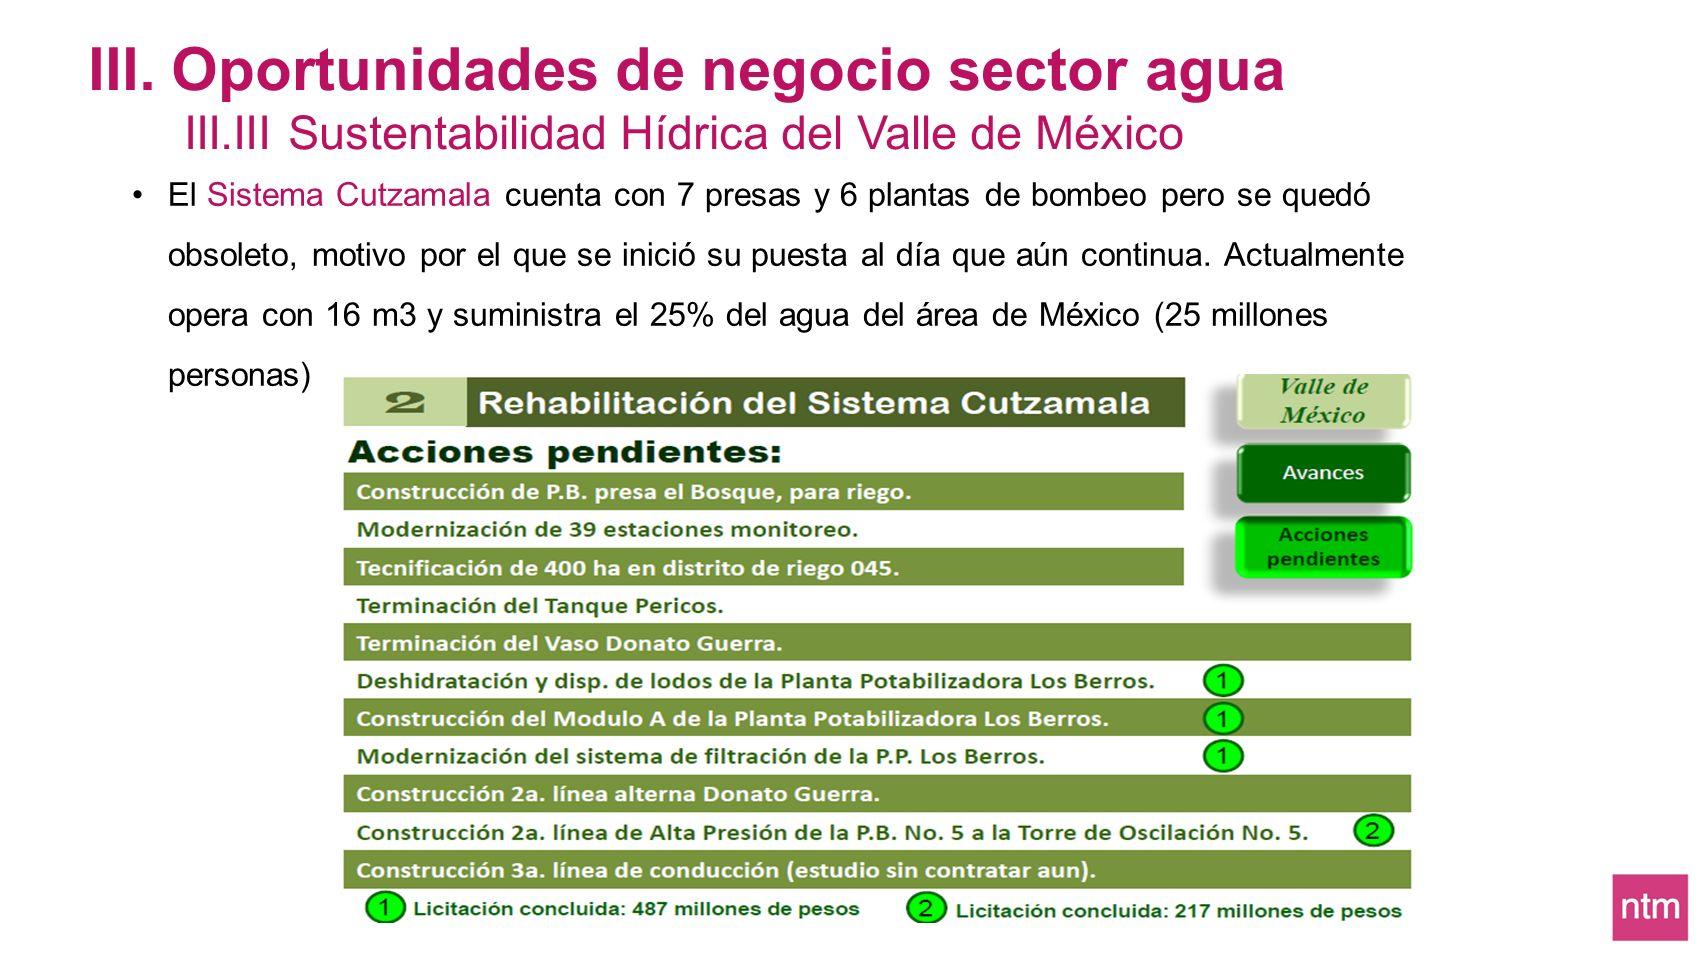 III. Oportunidades de negocio sector agua III.III Sustentabilidad Hídrica del Valle de México El Sistema Cutzamala cuenta con 7 presas y 6 plantas de